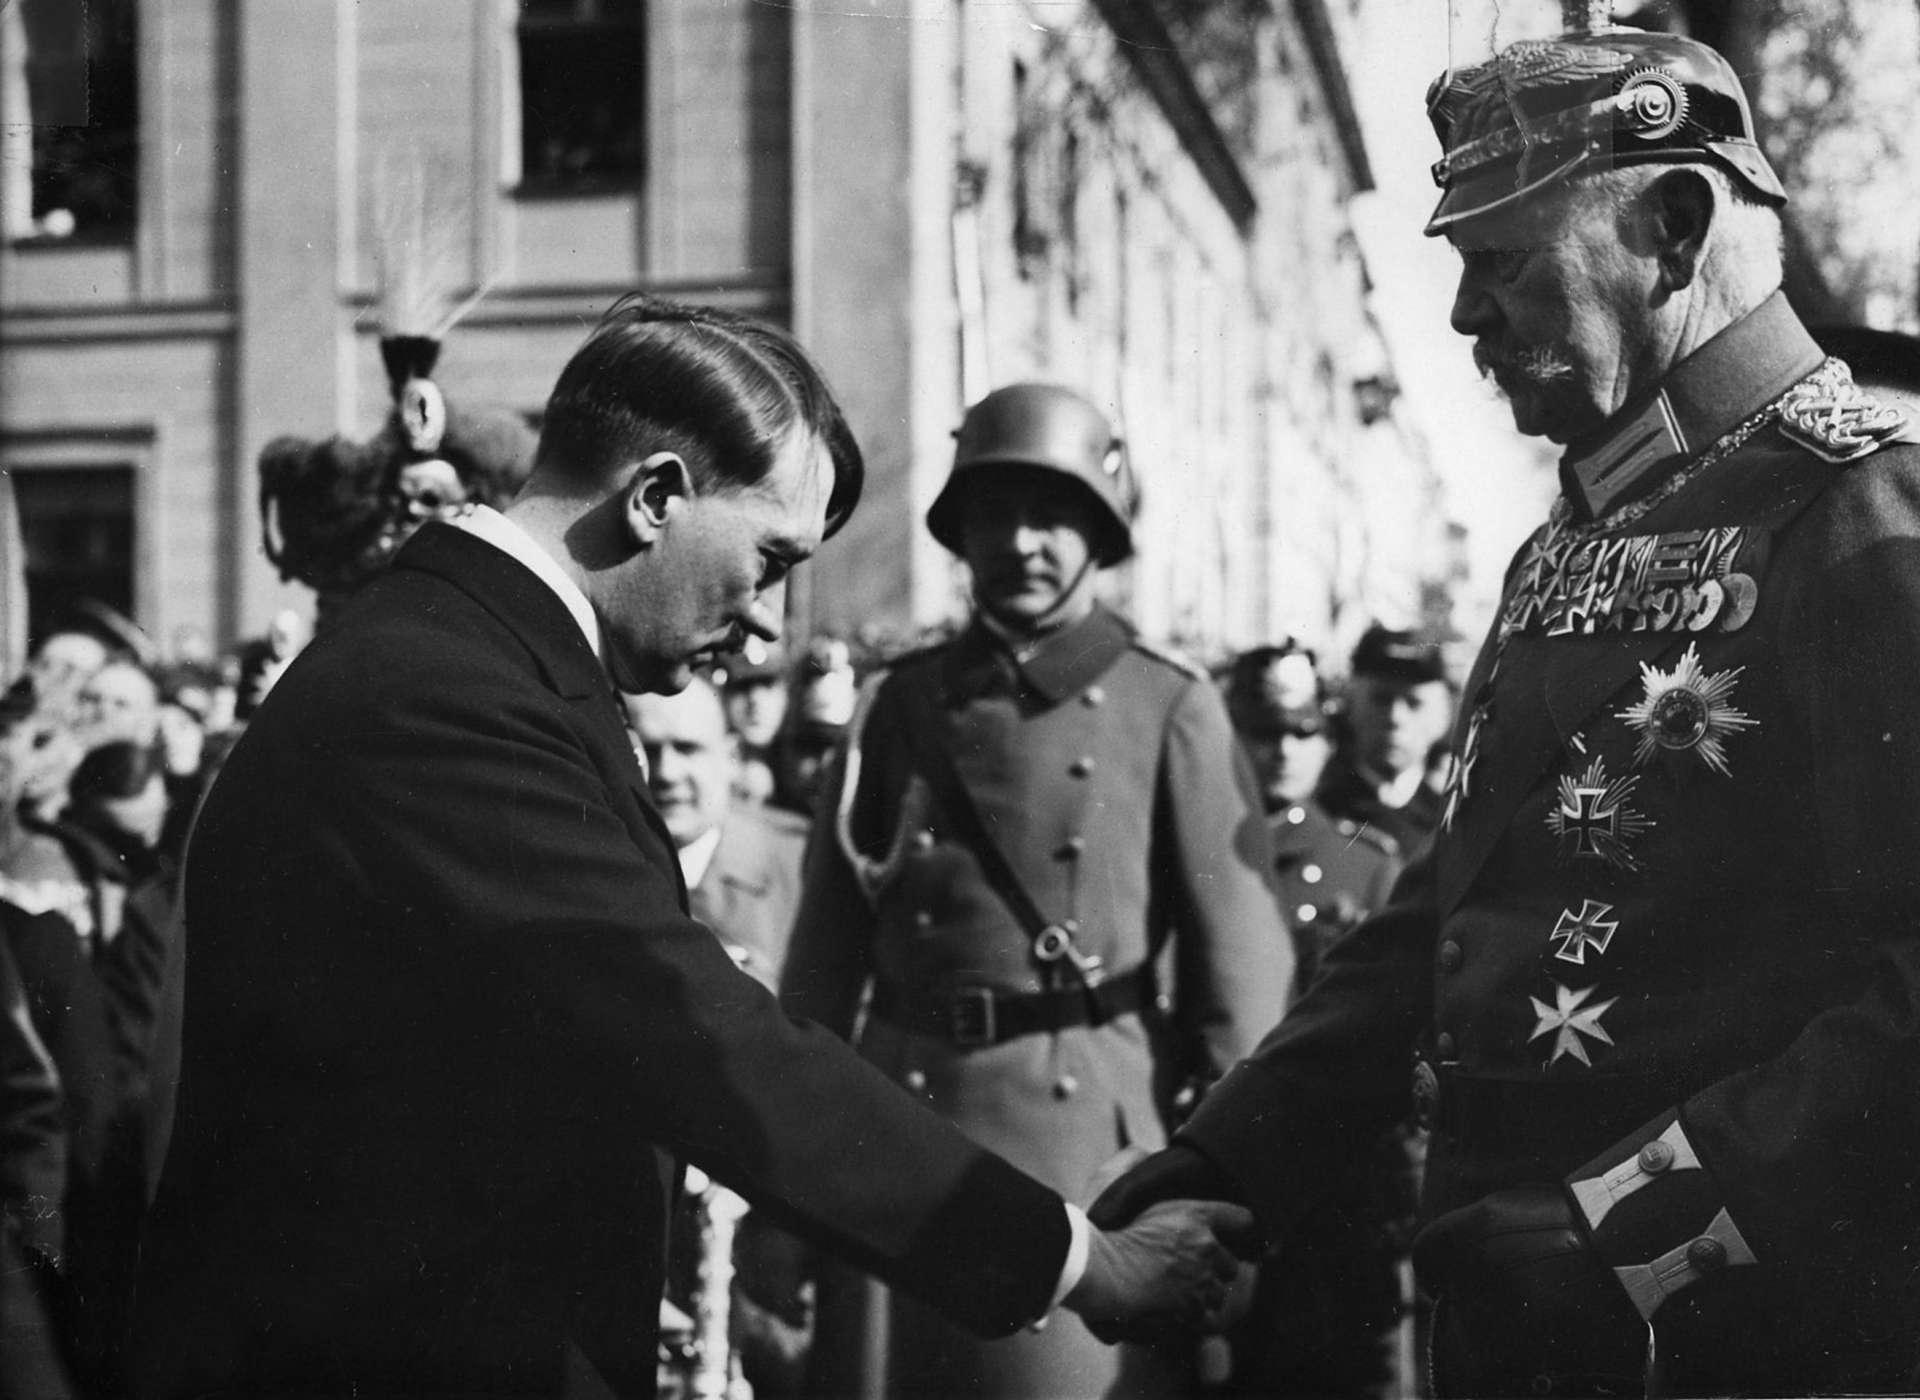 صورة تجمع بين هيندنبورغ وهتلر